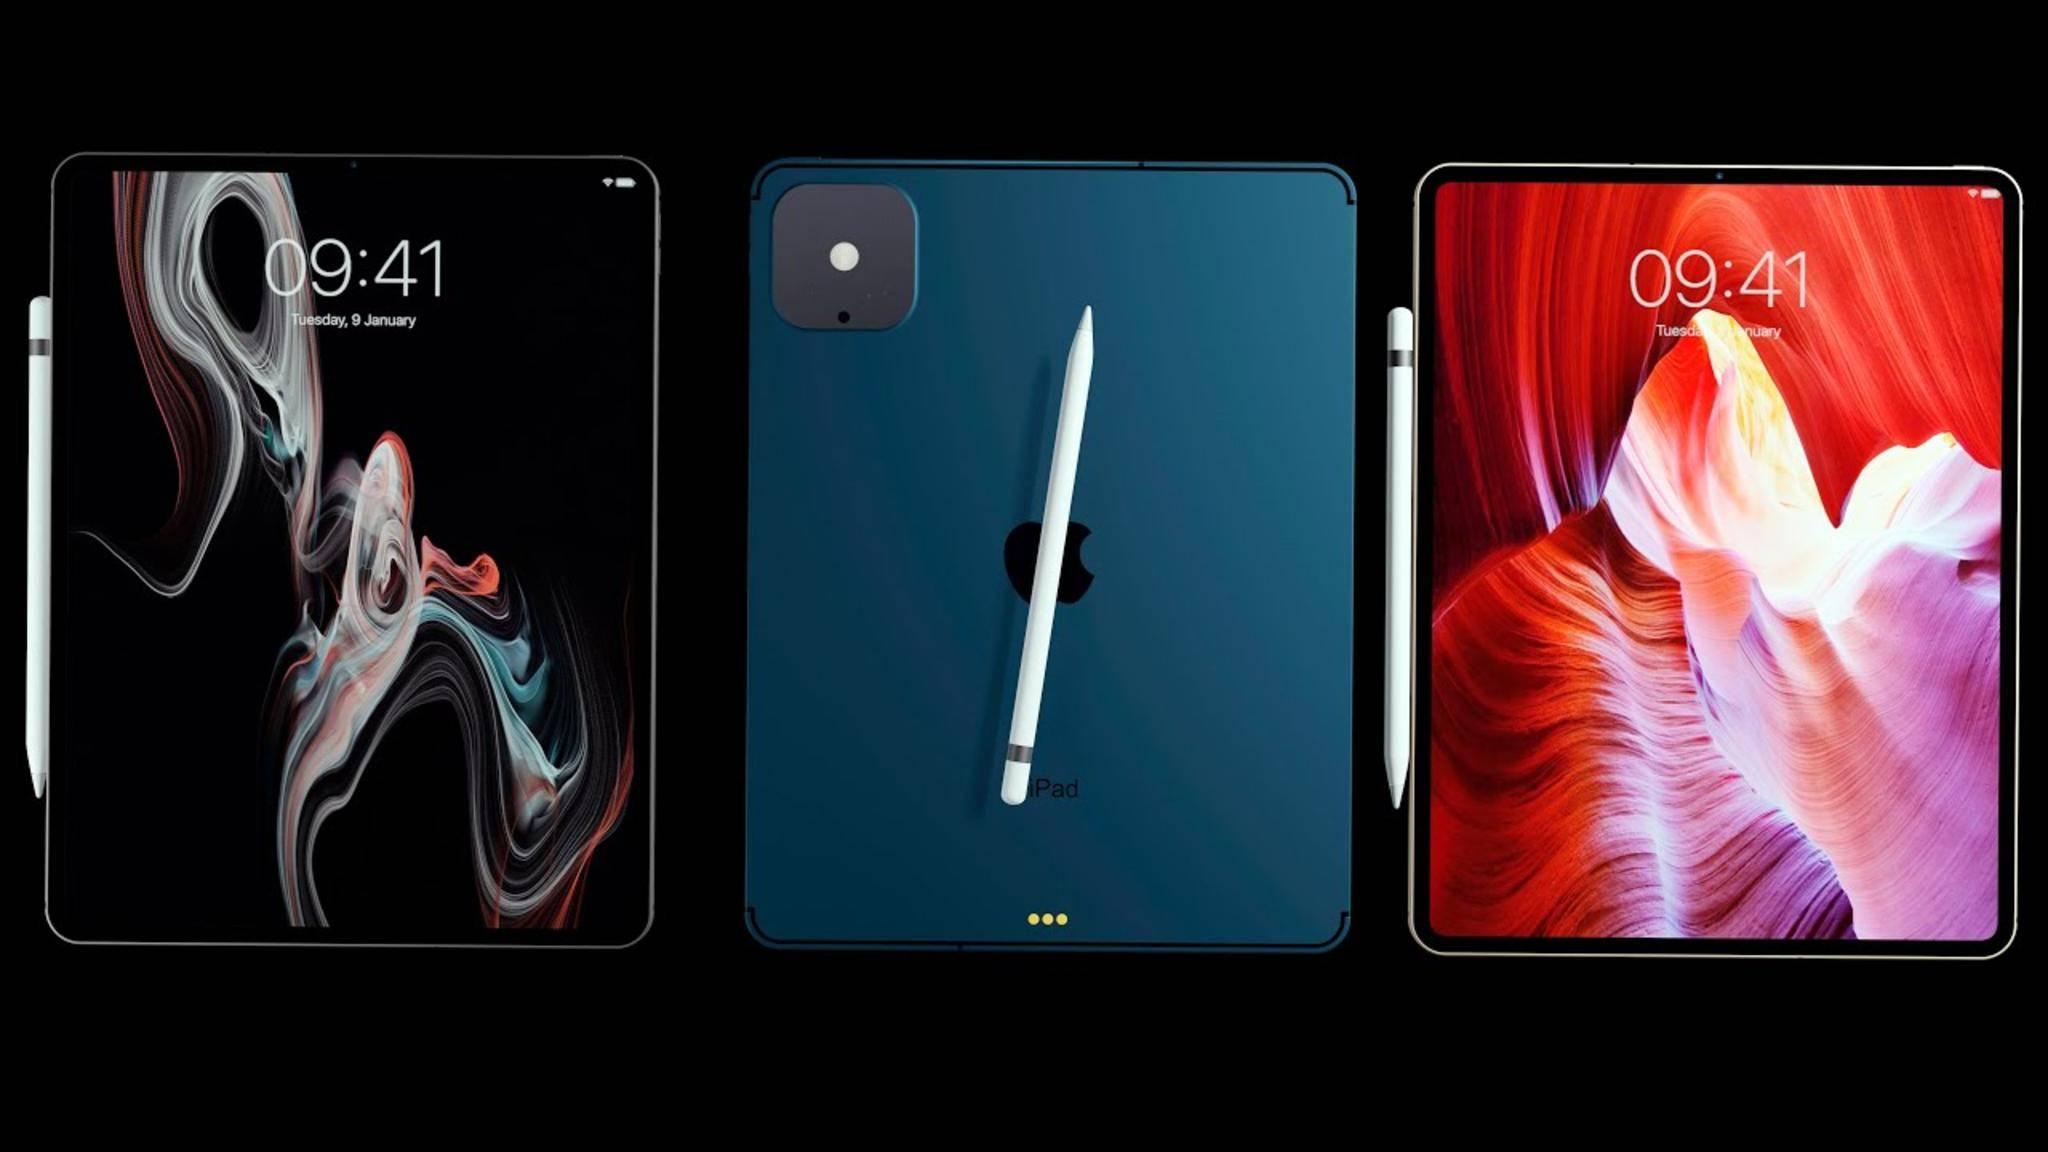 Apple-Fans dürfen sich im März wohl auf ein neues iPad Pro freuen, vermutlich mit Mini-LED-Display.